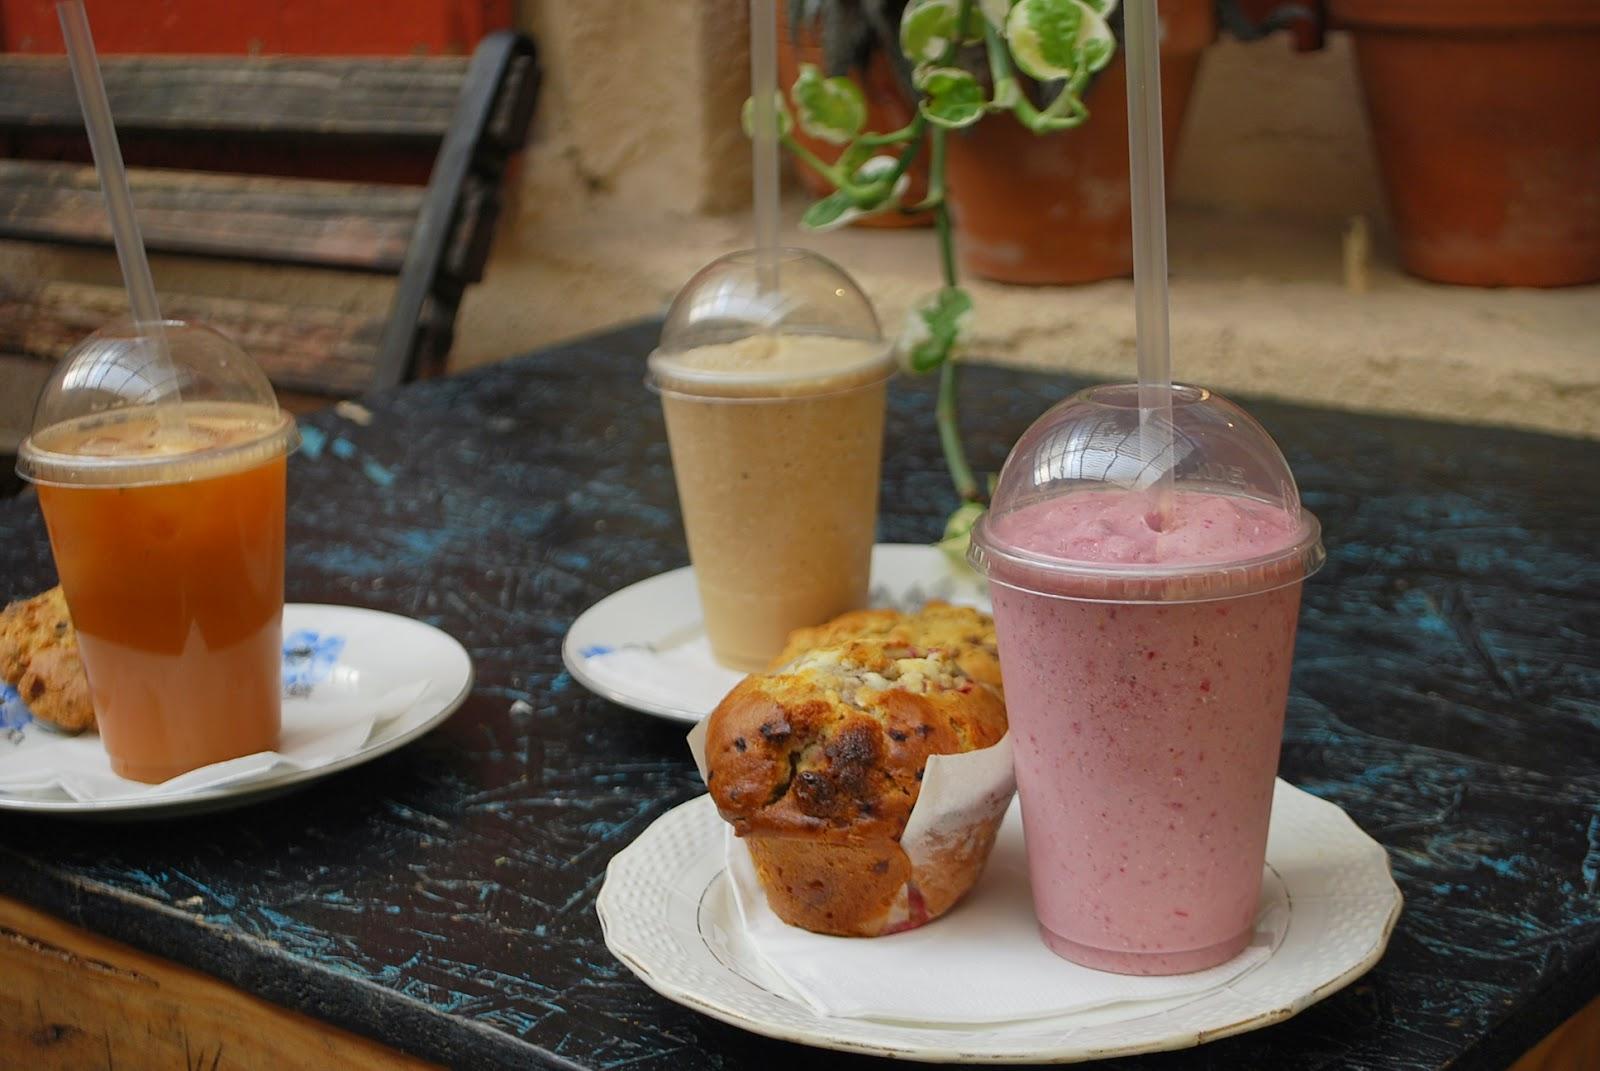 Frappé framboise, frappé chai latte, café frappé, muffin